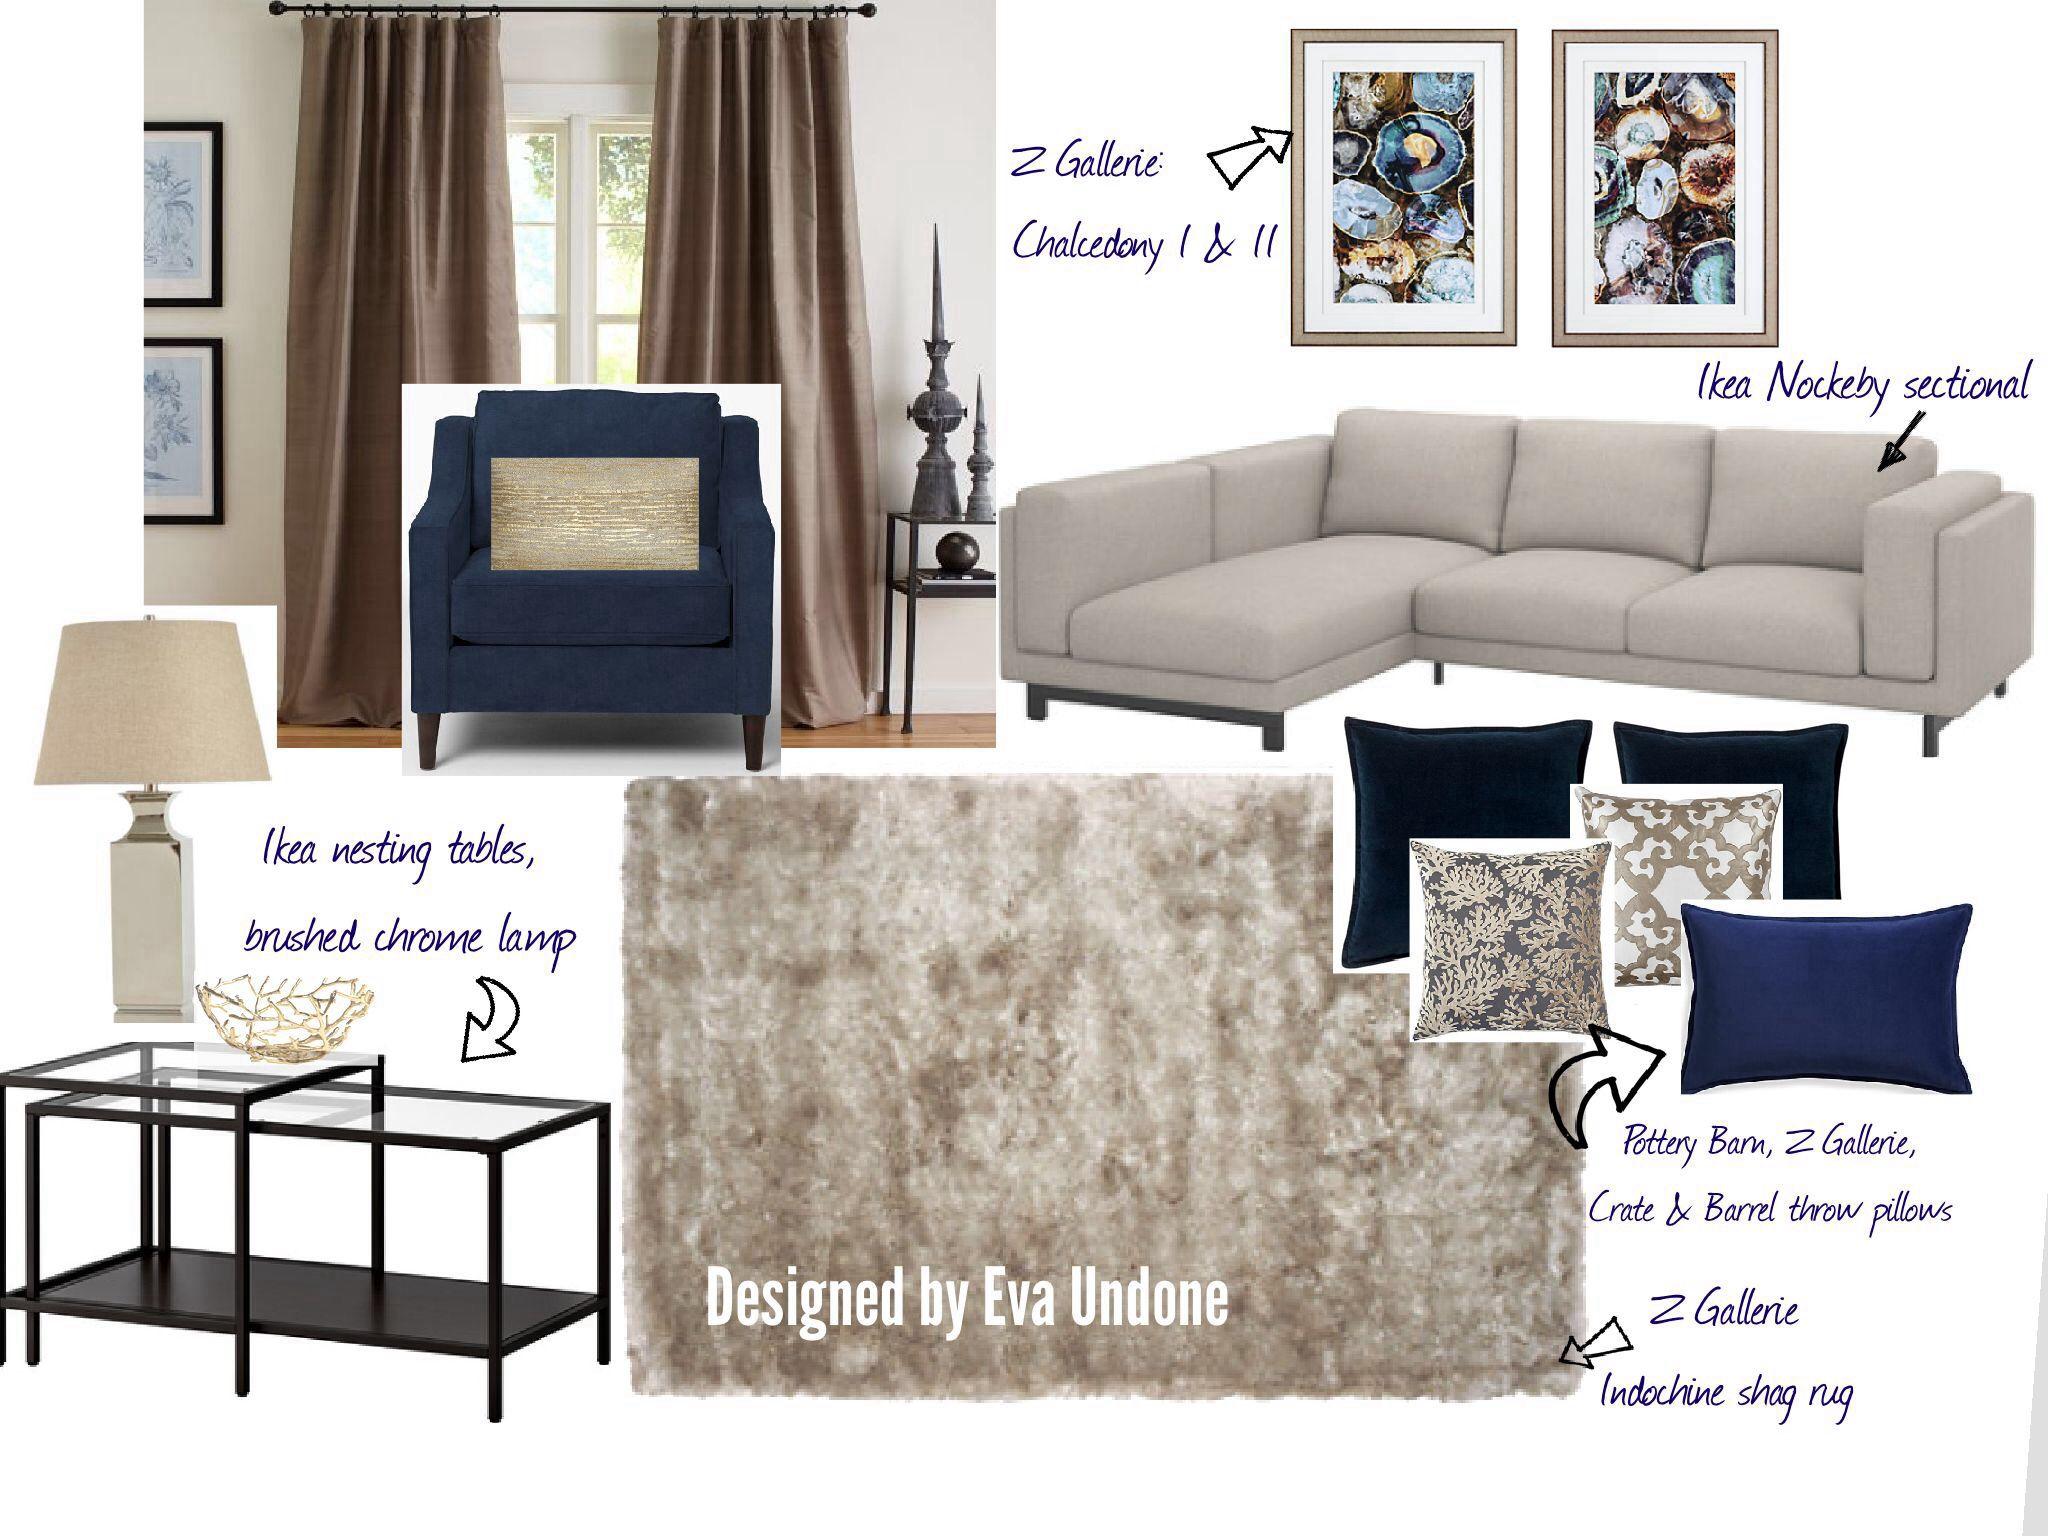 Ikea Nockeby Sofa Traum Naturtöne kombiniert mit etwas Gold und